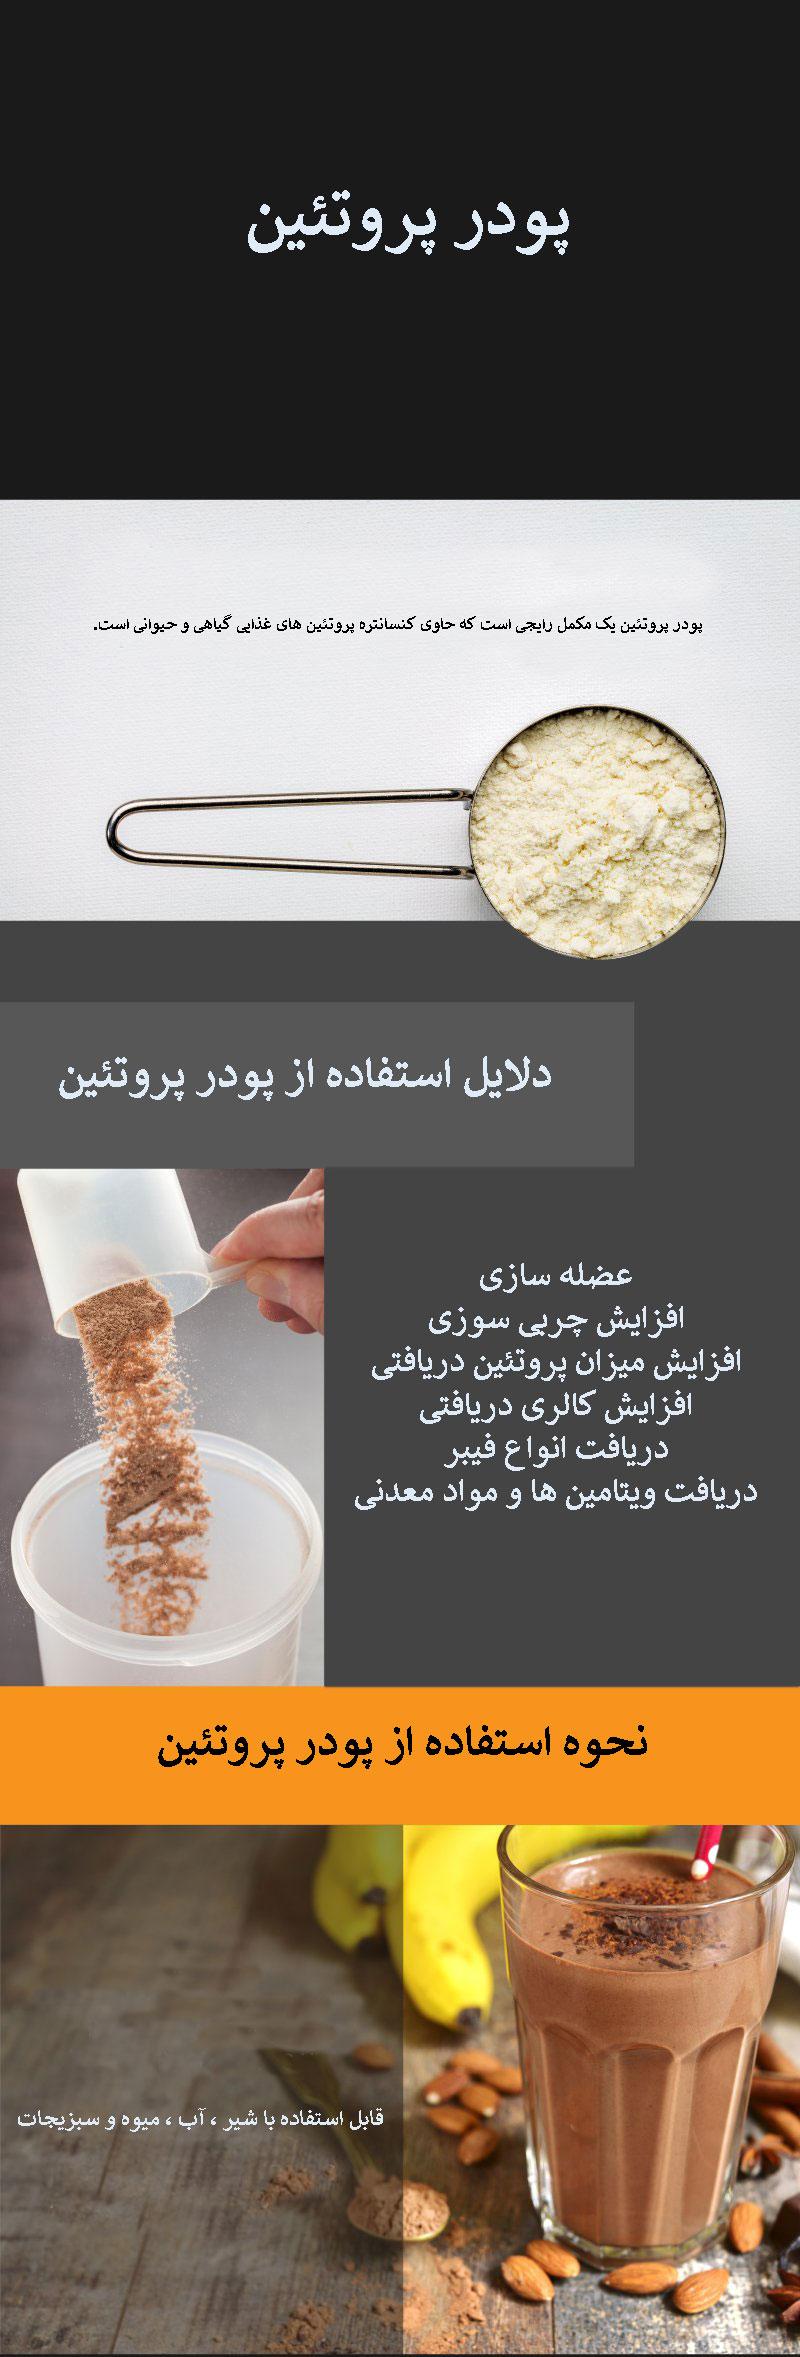 پودر پروتئین چیست